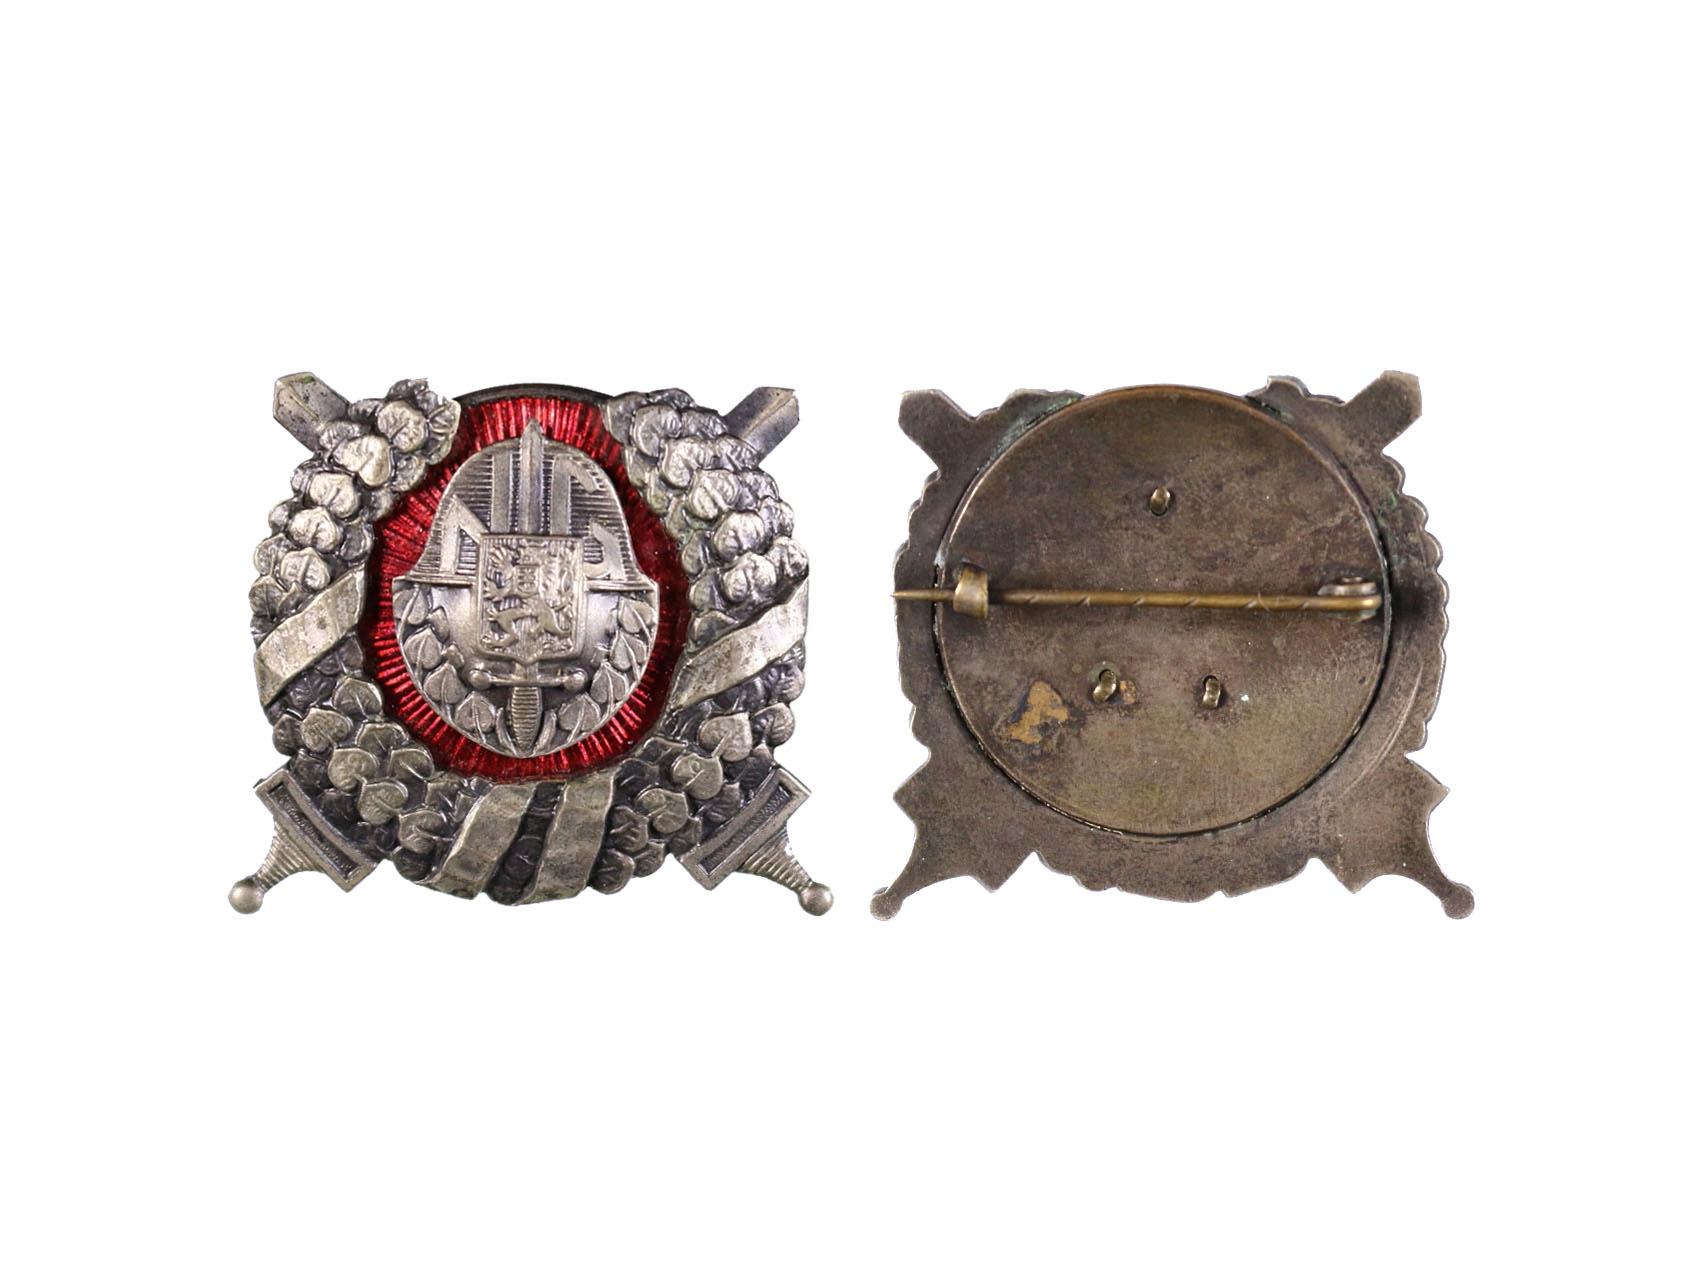 Odznak pro příslušníky historických jednotek při NG, stříbrný kov, smalt, vodorovná připínací jehlice